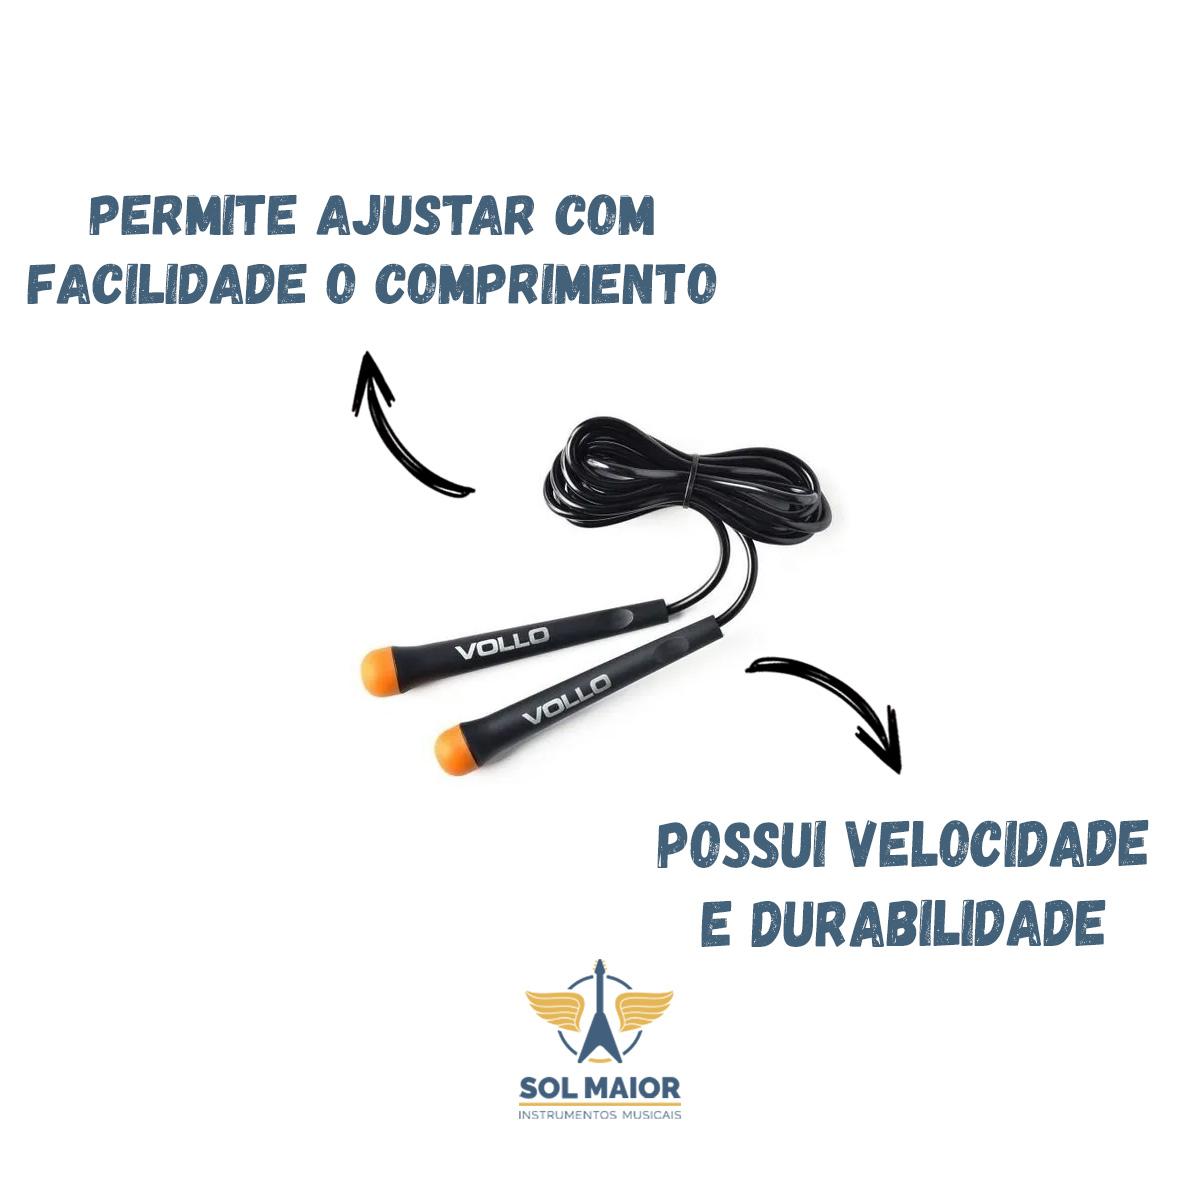 Corda de Pular de PVC Vollo 275 x 0.5 cm - VP1075